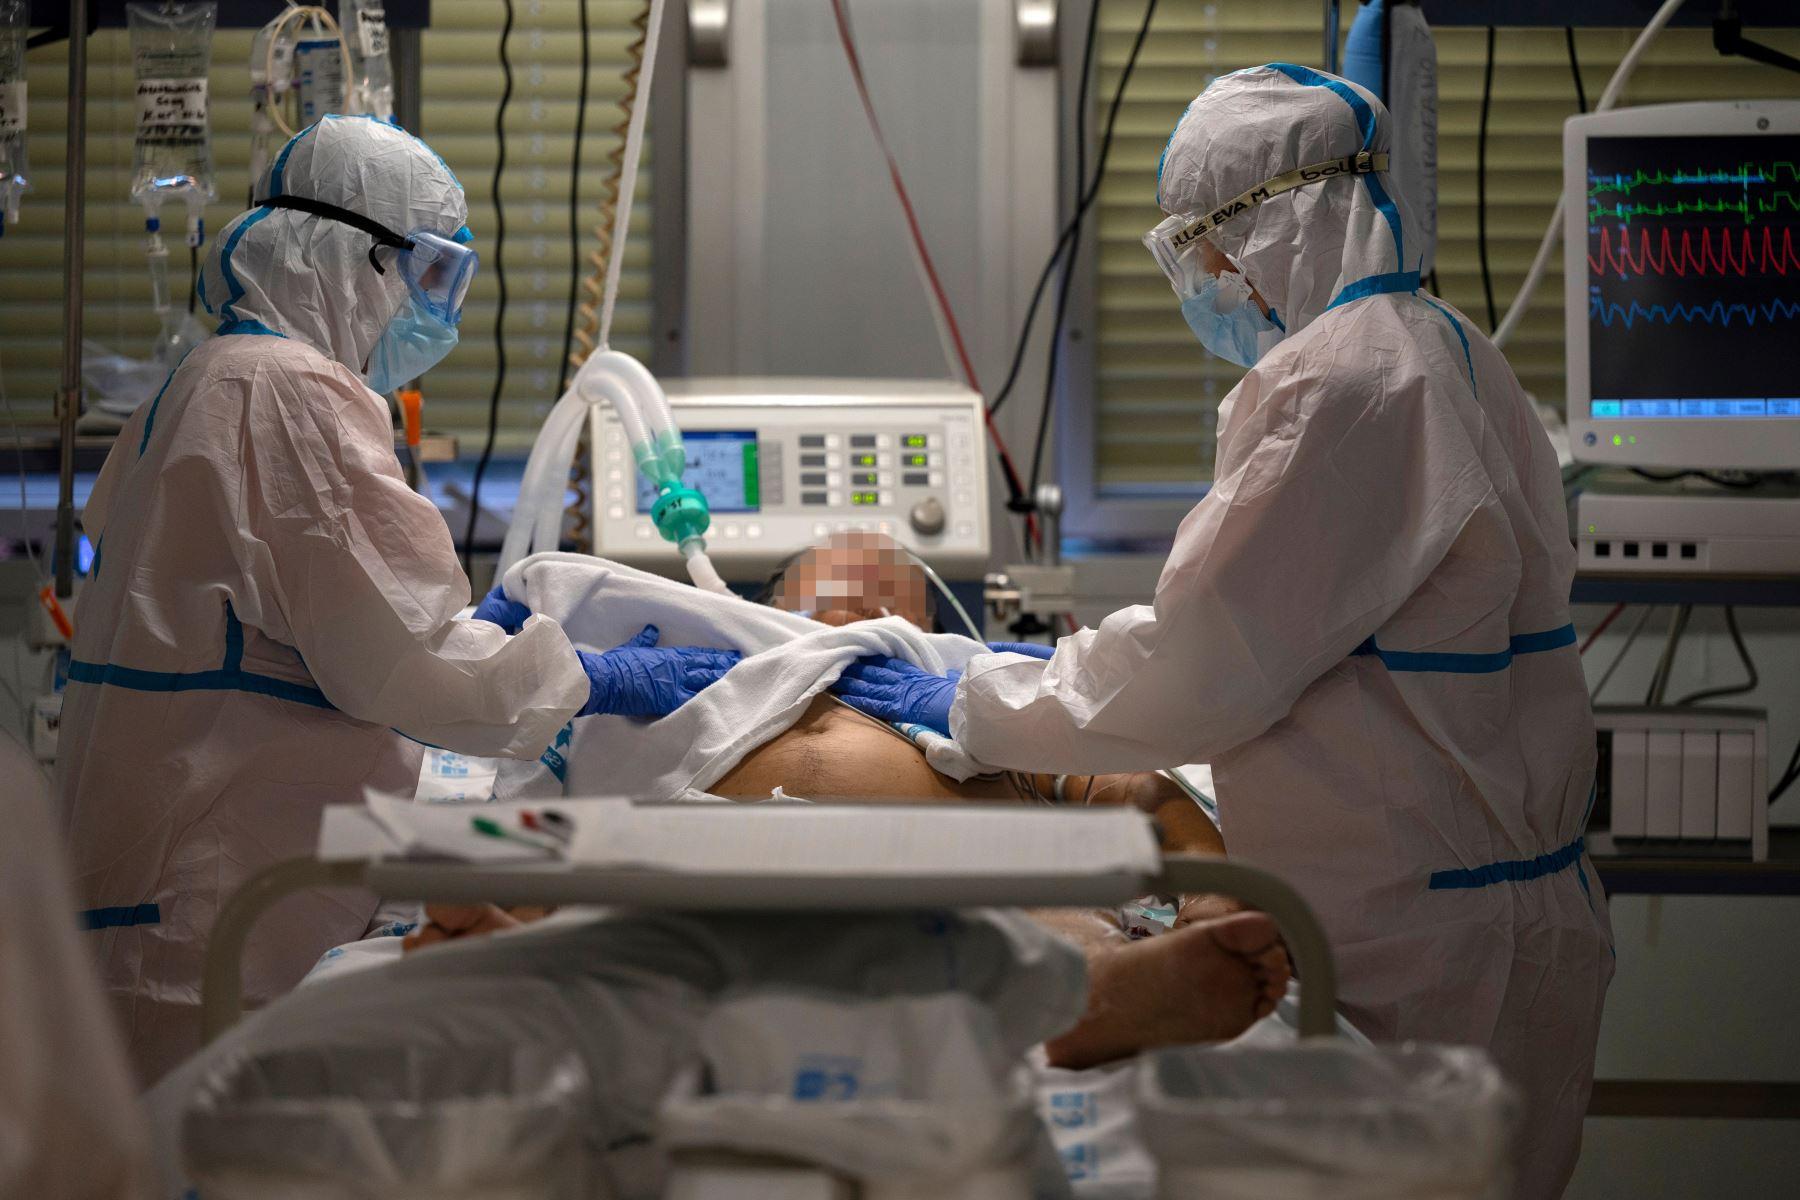 Los trabajadores sanitarios atienden a un paciente con coronavirus en la Unidad de Cuidados Intensivos (UCI) del Hospital Universitario Severo Ochoa de Leganés, España. Foto: AFP